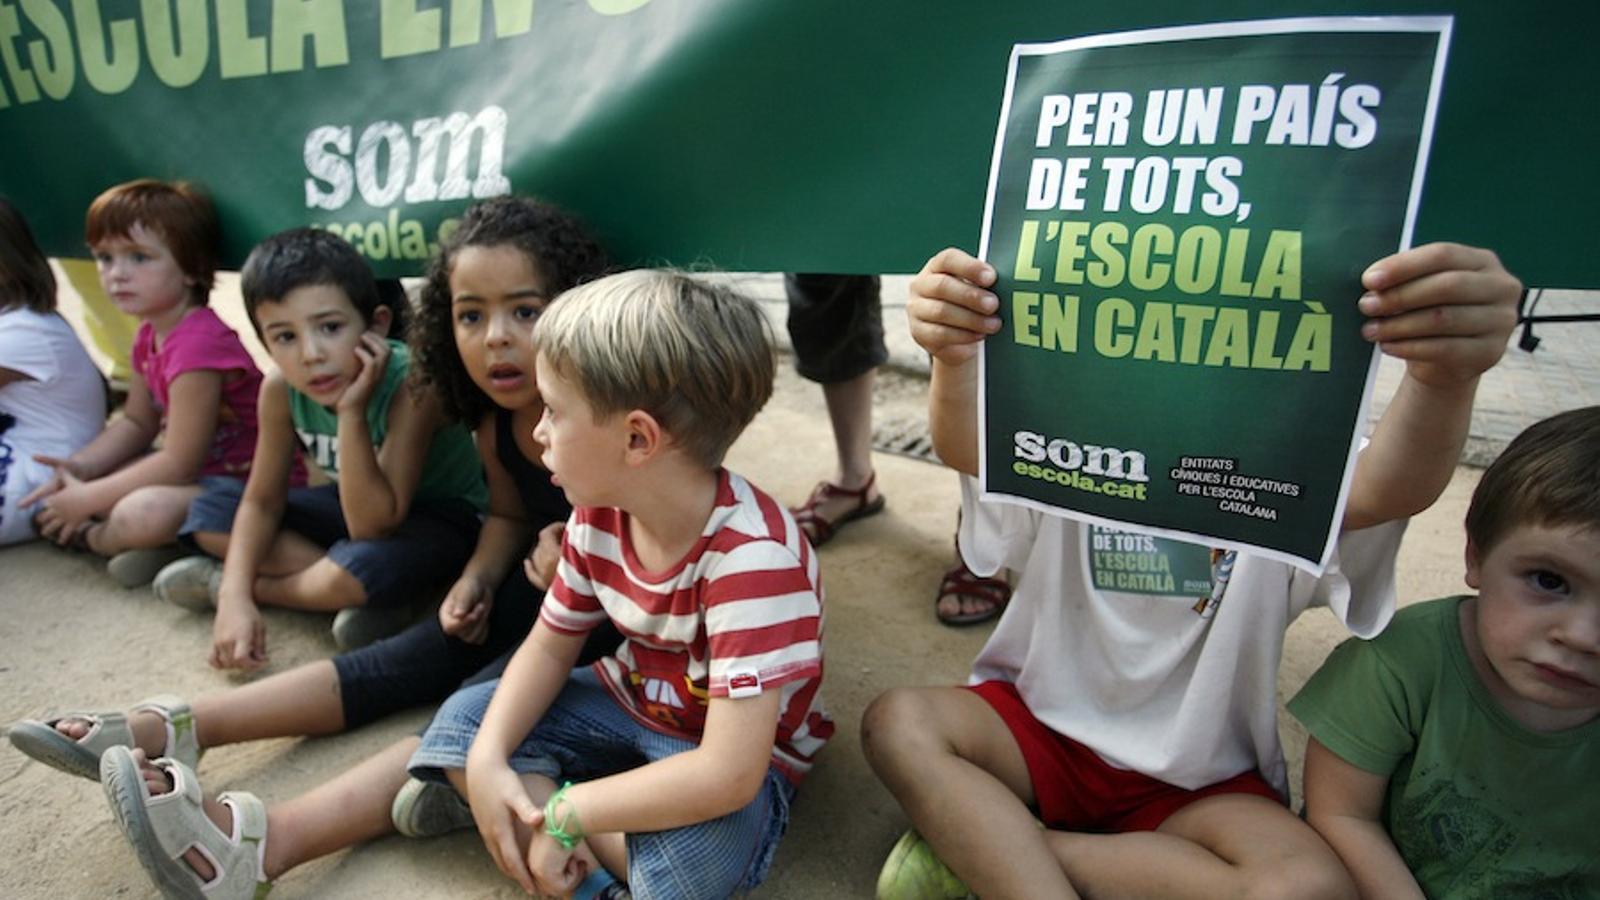 Nens participant en la concentració per l'escola en català a Girona / CÈLIA ATSET